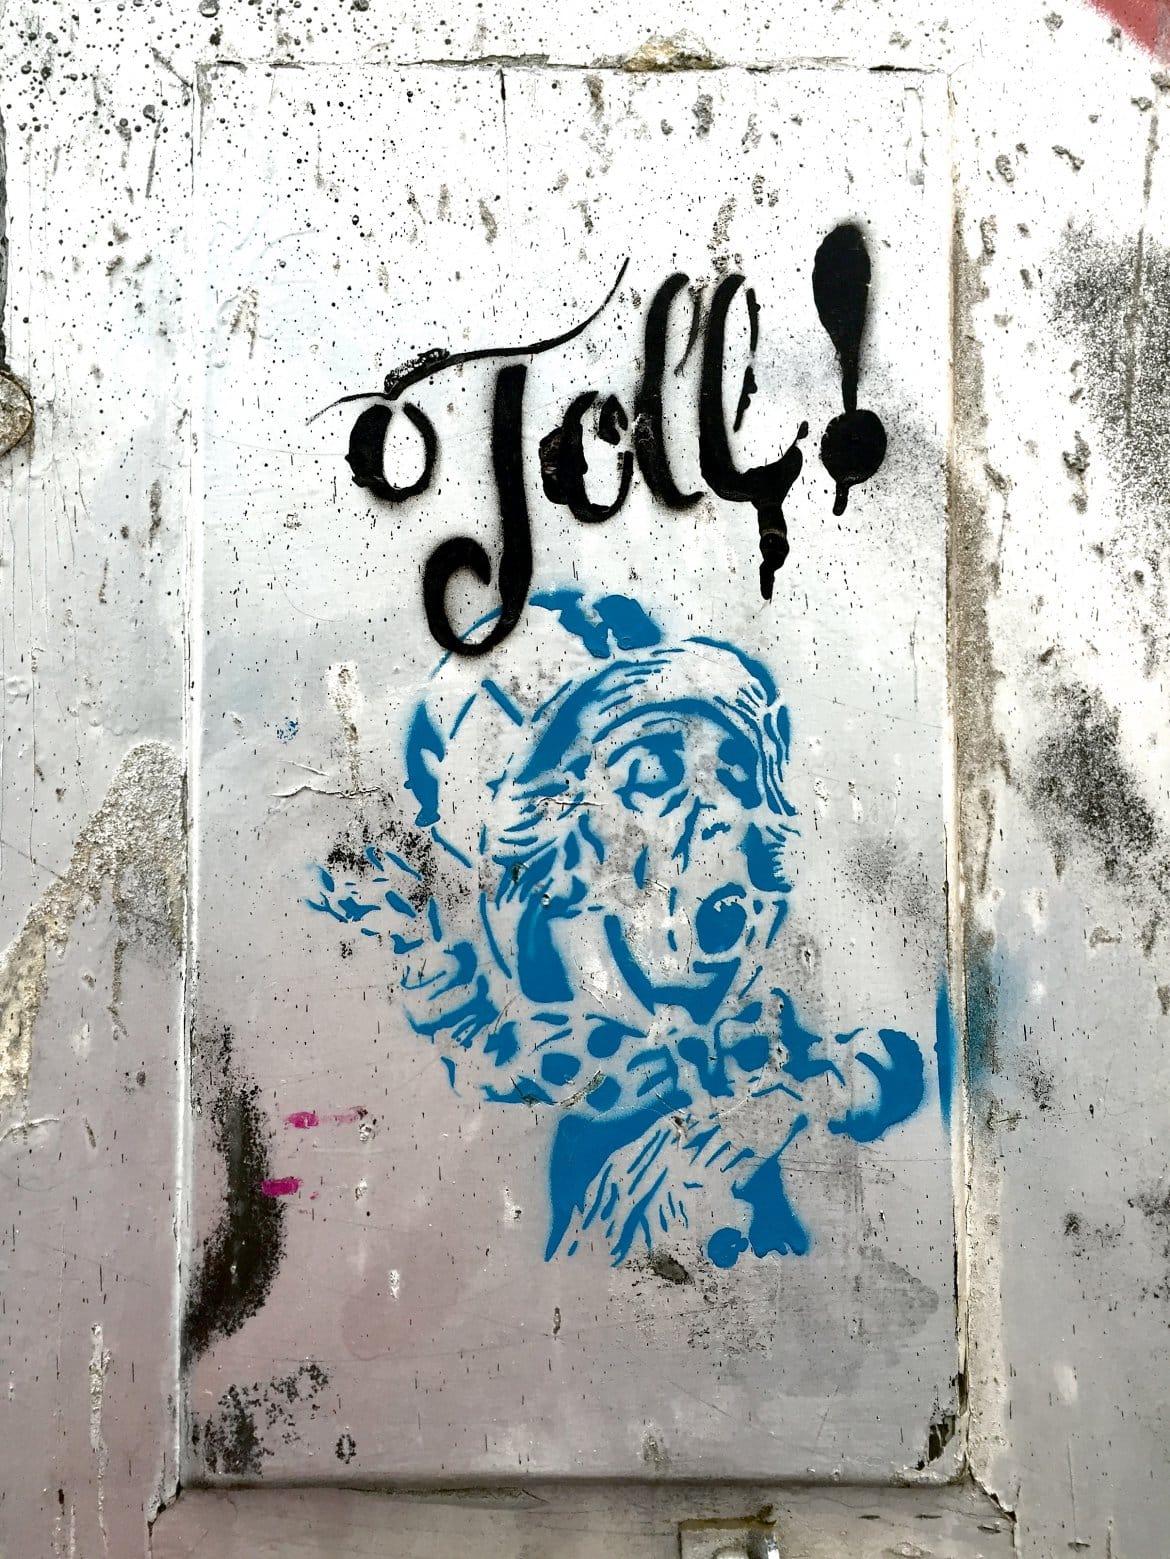 2015 01 29 toll